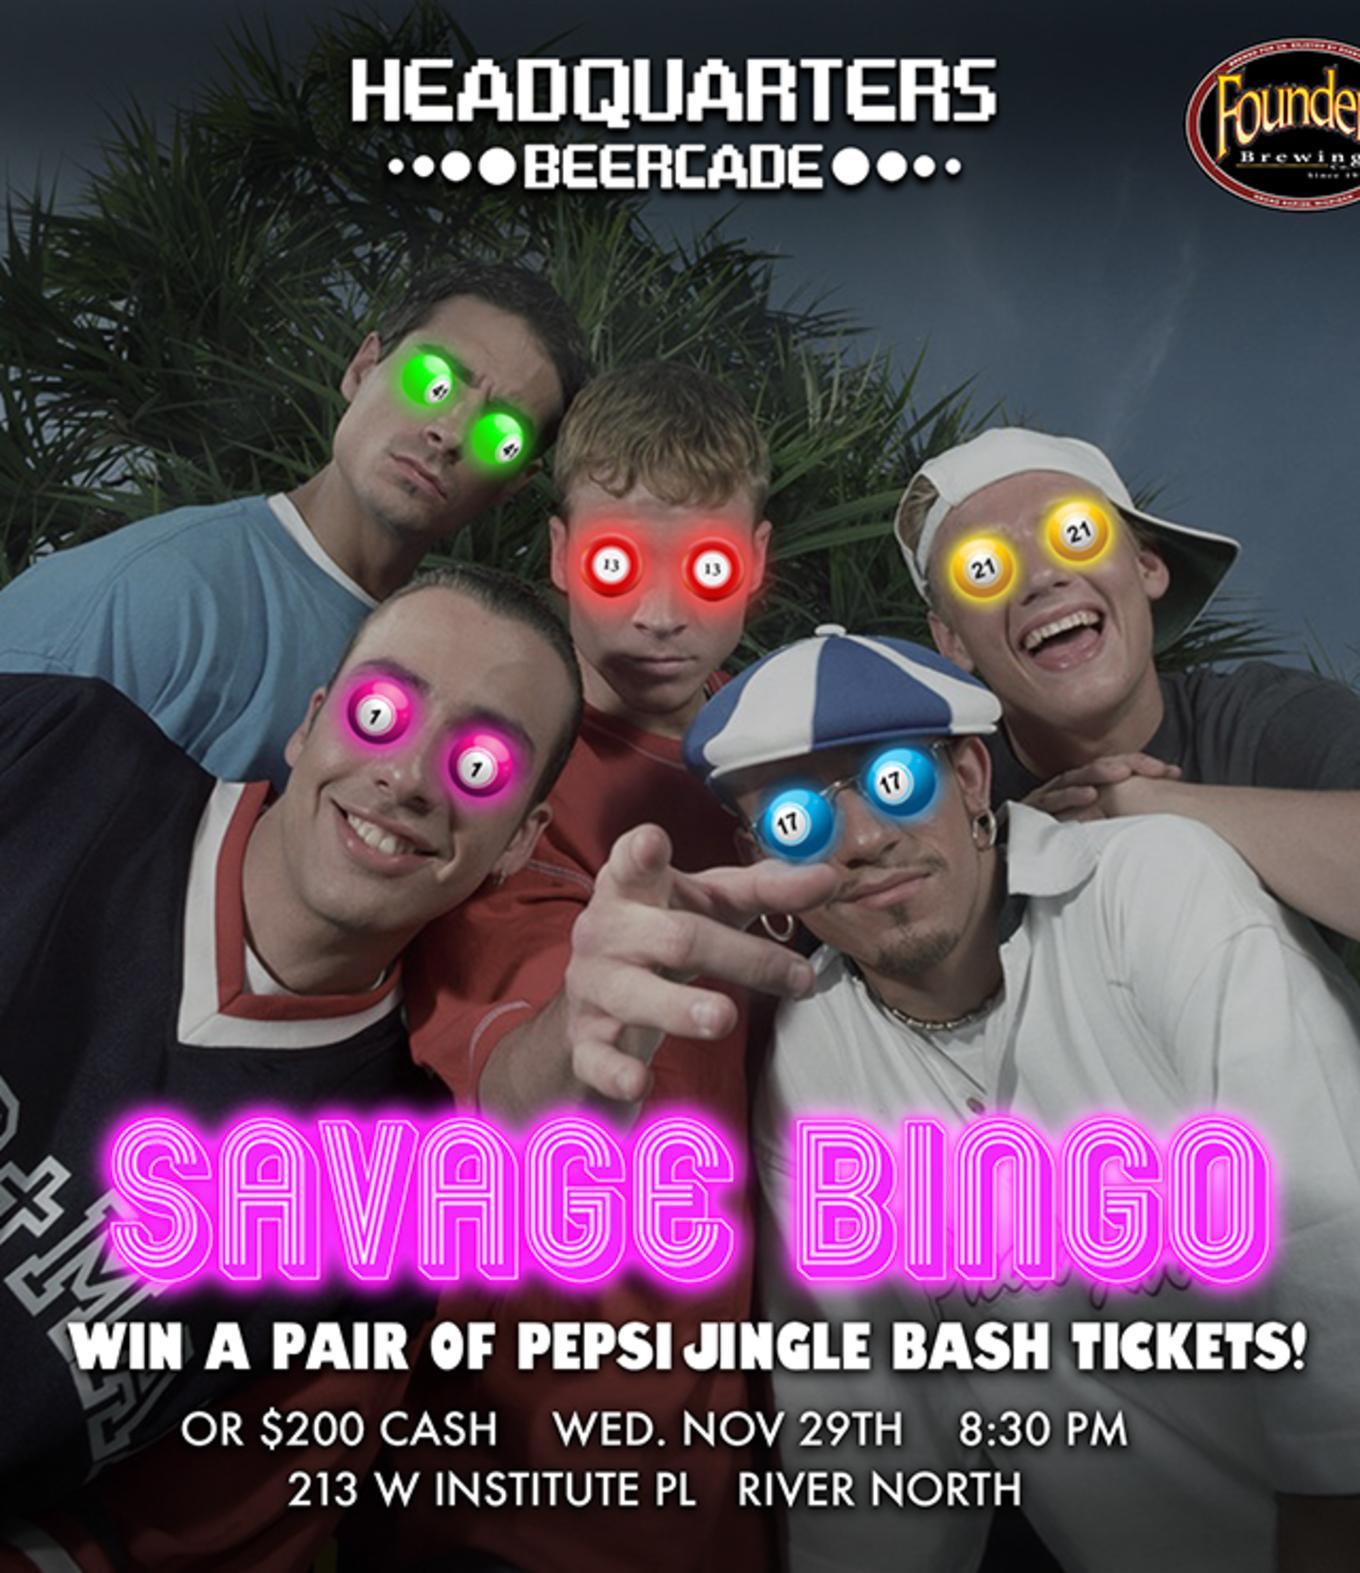 Savage Bingo: Win Pepsi Jingle Ball tix or $200 - Tickets